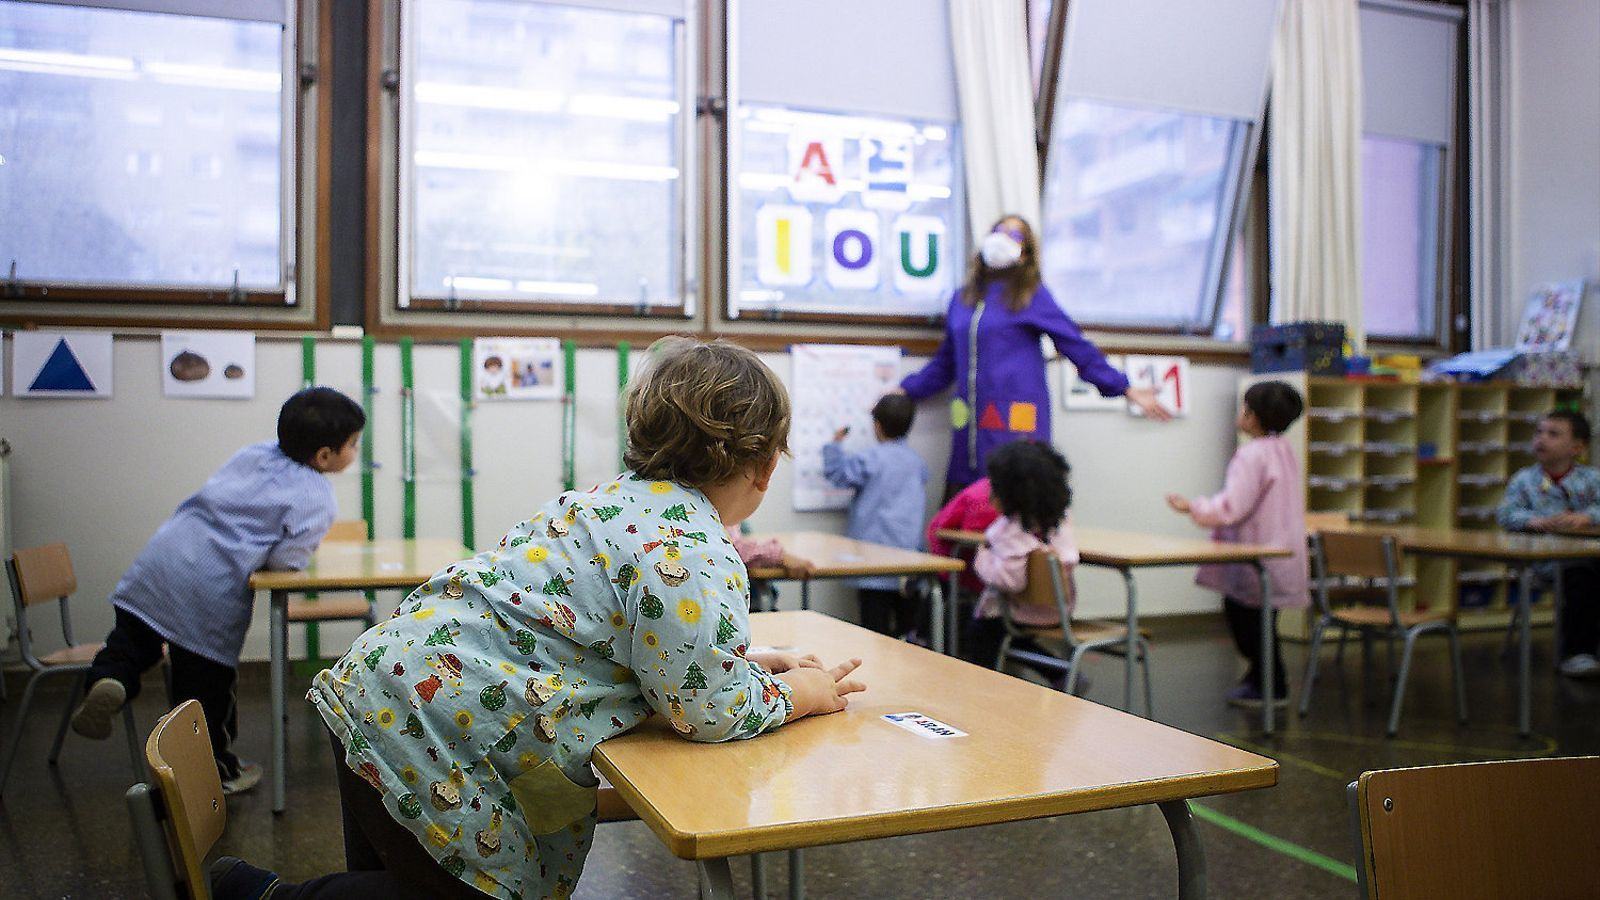 Anorac a l'aula per pal·liar el covid